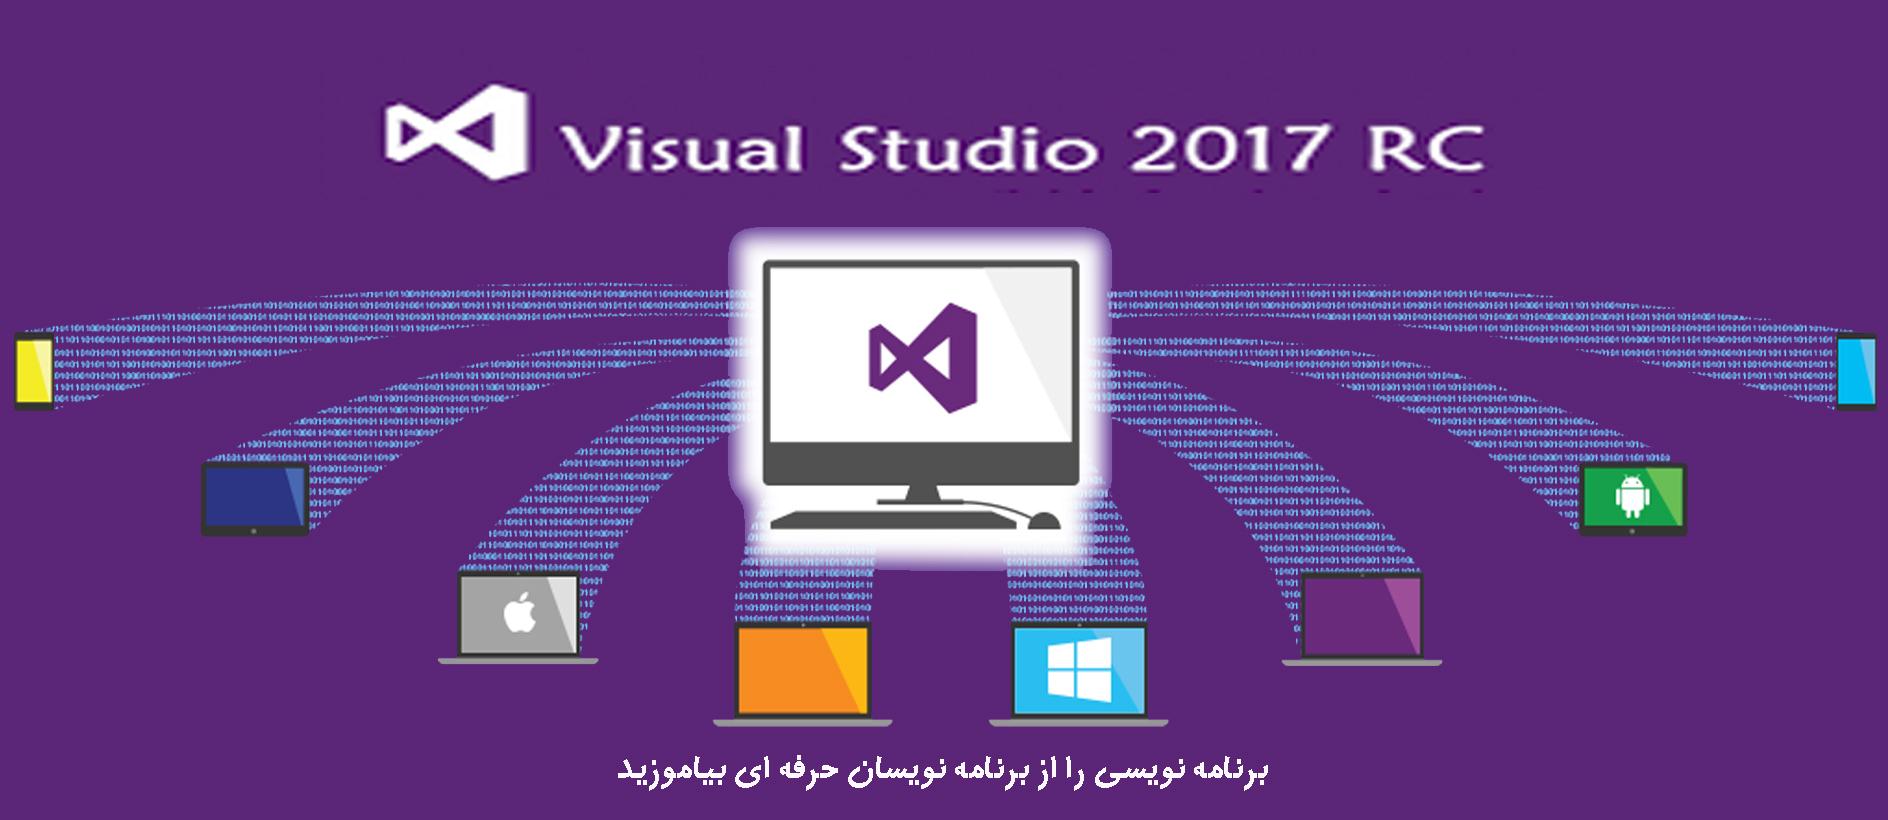 شرکت microsoft از visual studio 2017 رونمایی کرد!